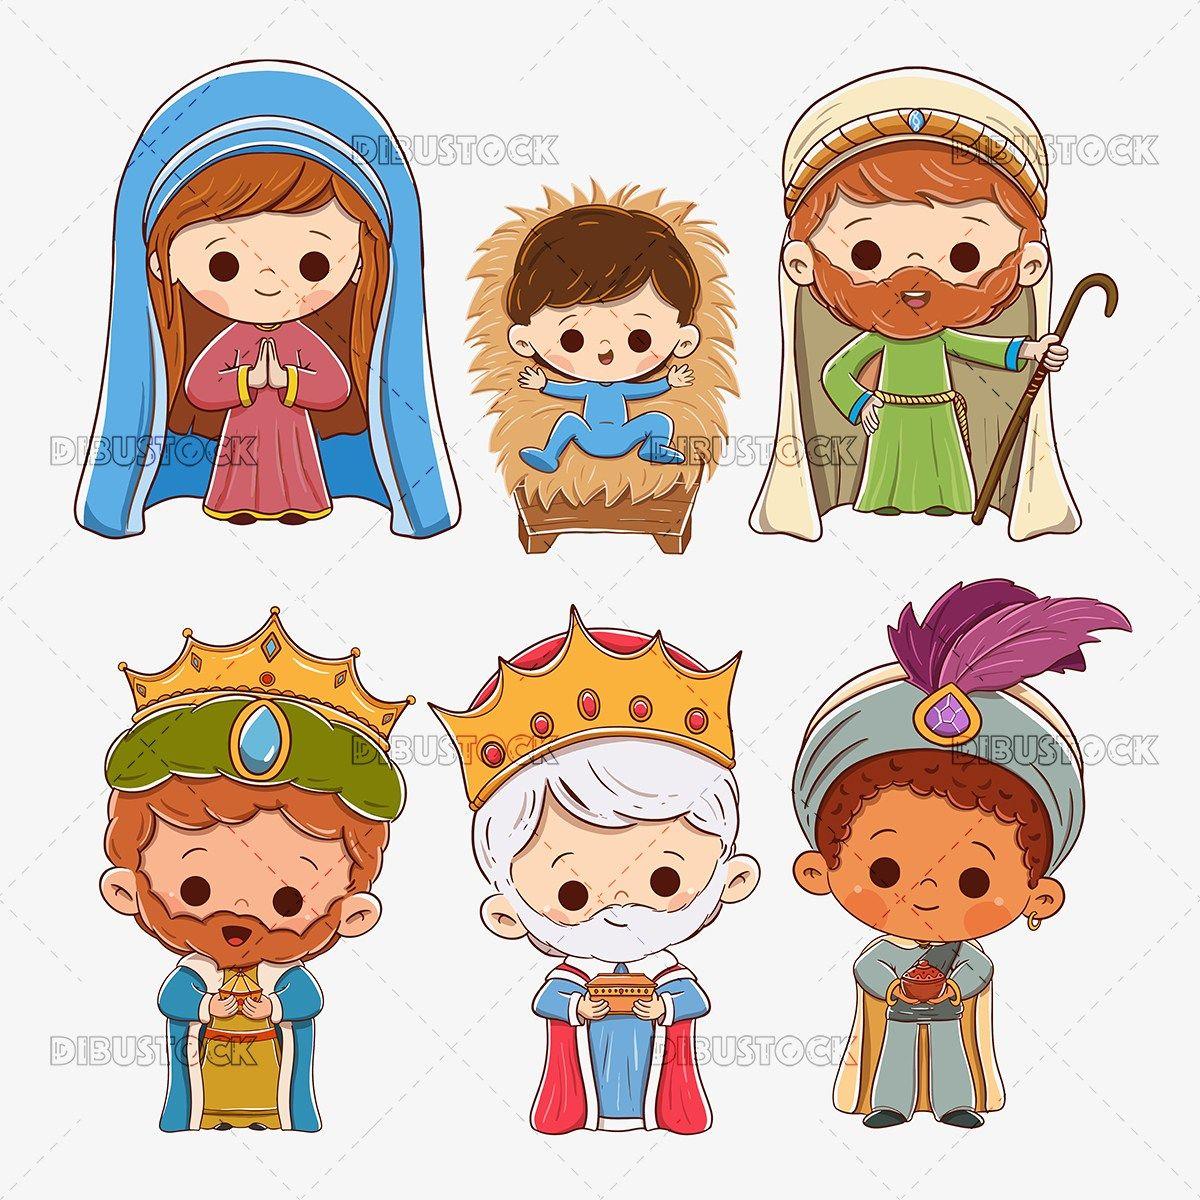 Portal De Belen Maria Jose El Nino Jesus Y Los Reyes Magos Melchor Gaspar Y Baltasar Personajes De Navidad Pesebre Dibujo Imagenes De Pesebres Navidenos